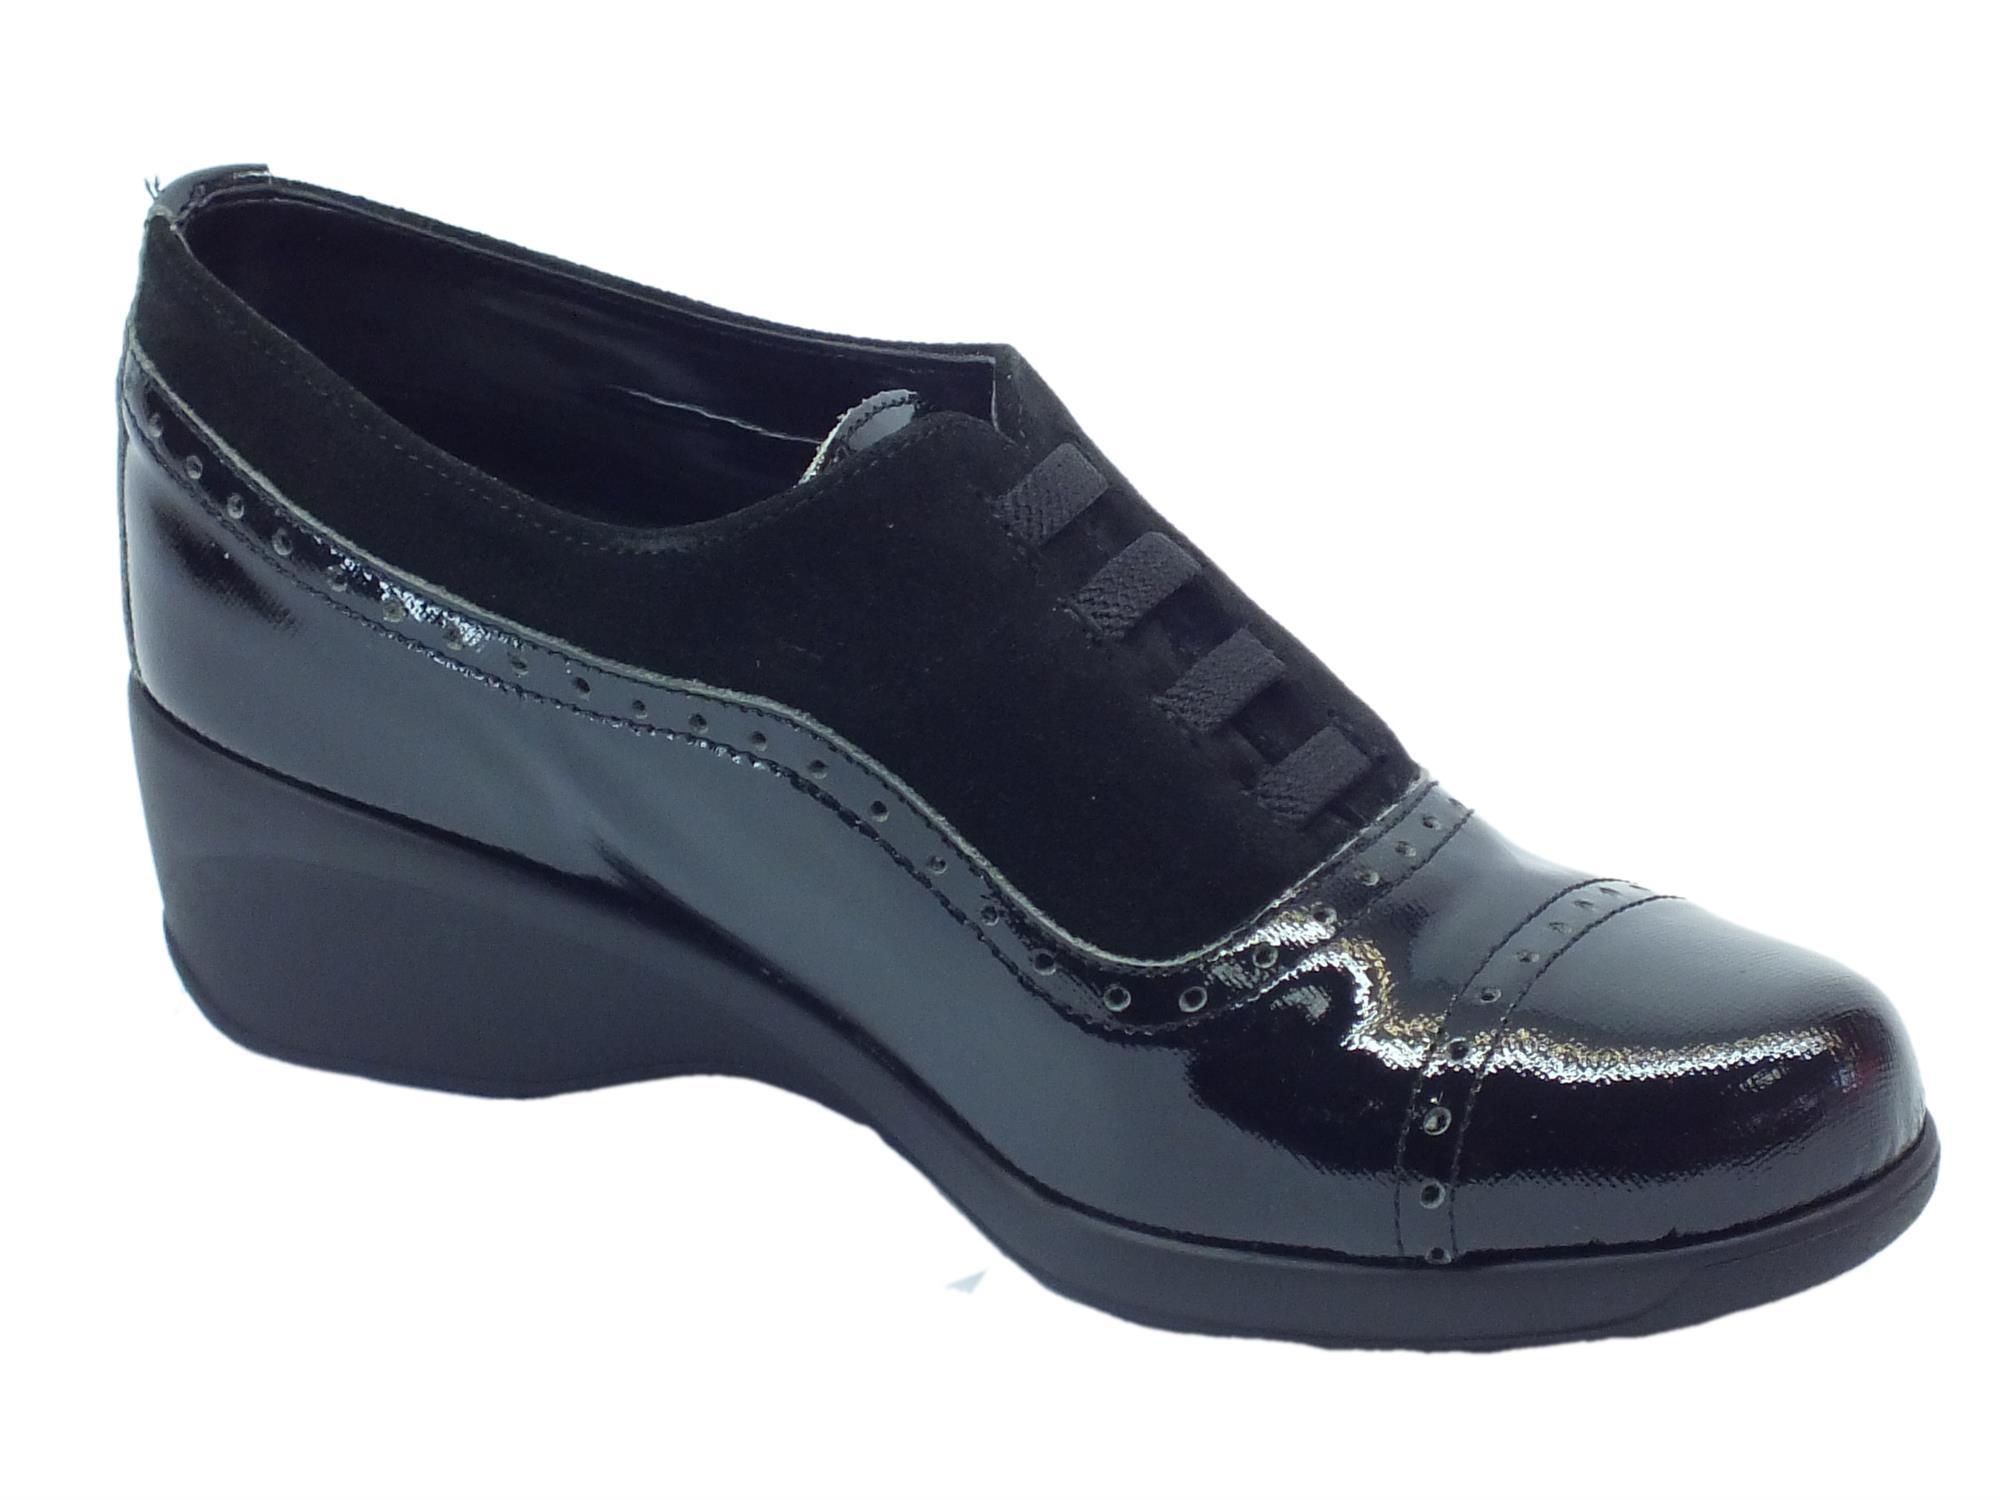 ... Mocassini Cinzia Soft per donna in camoscio nero e pelle nera saffiano  ... 581f2162ddc